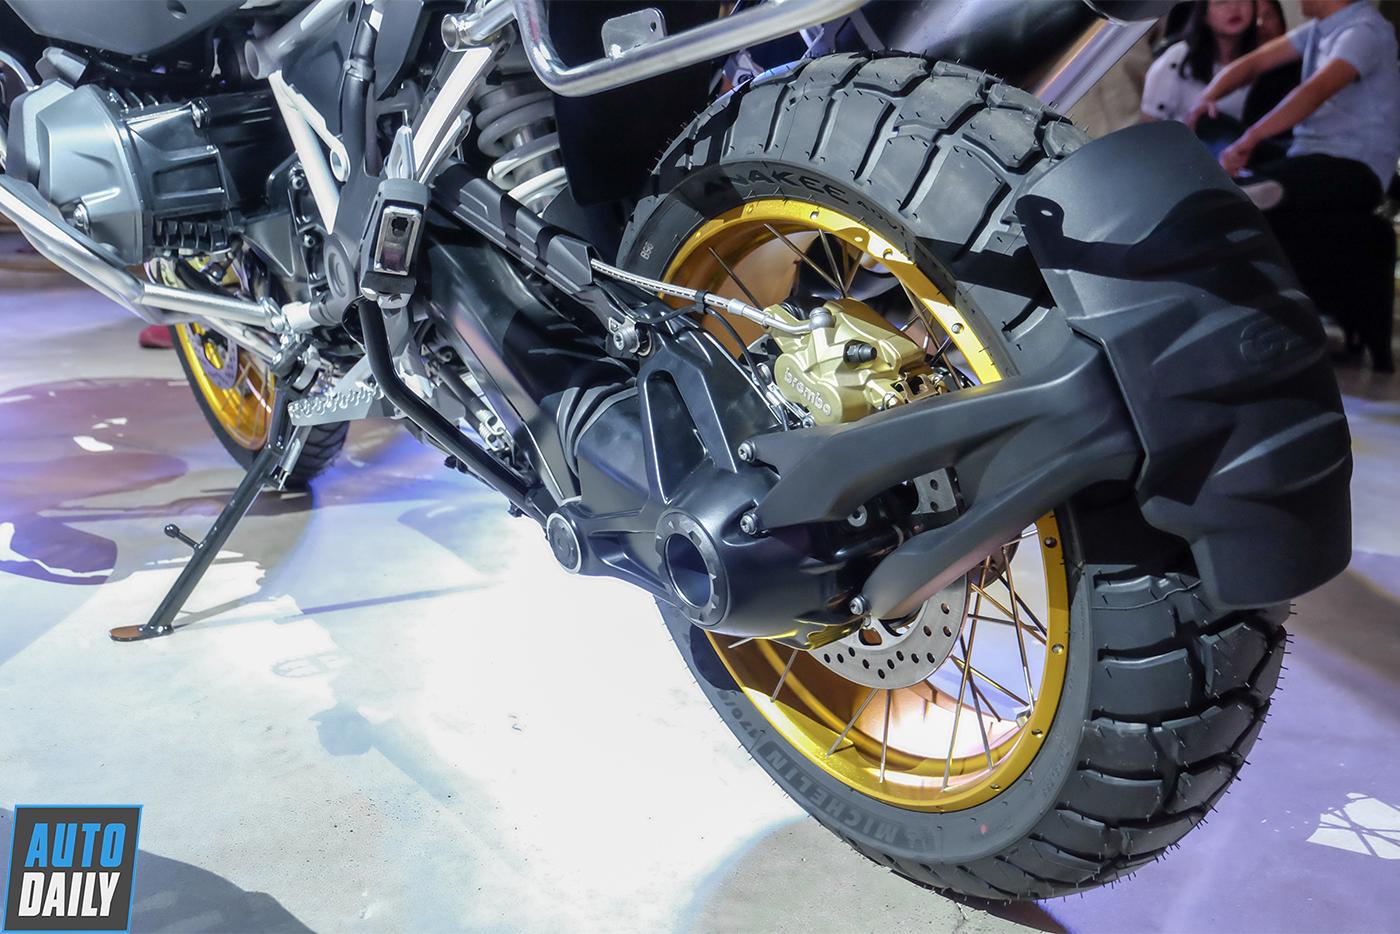 bmw-motorrad-r-1250-gsa-2019-64.jpg